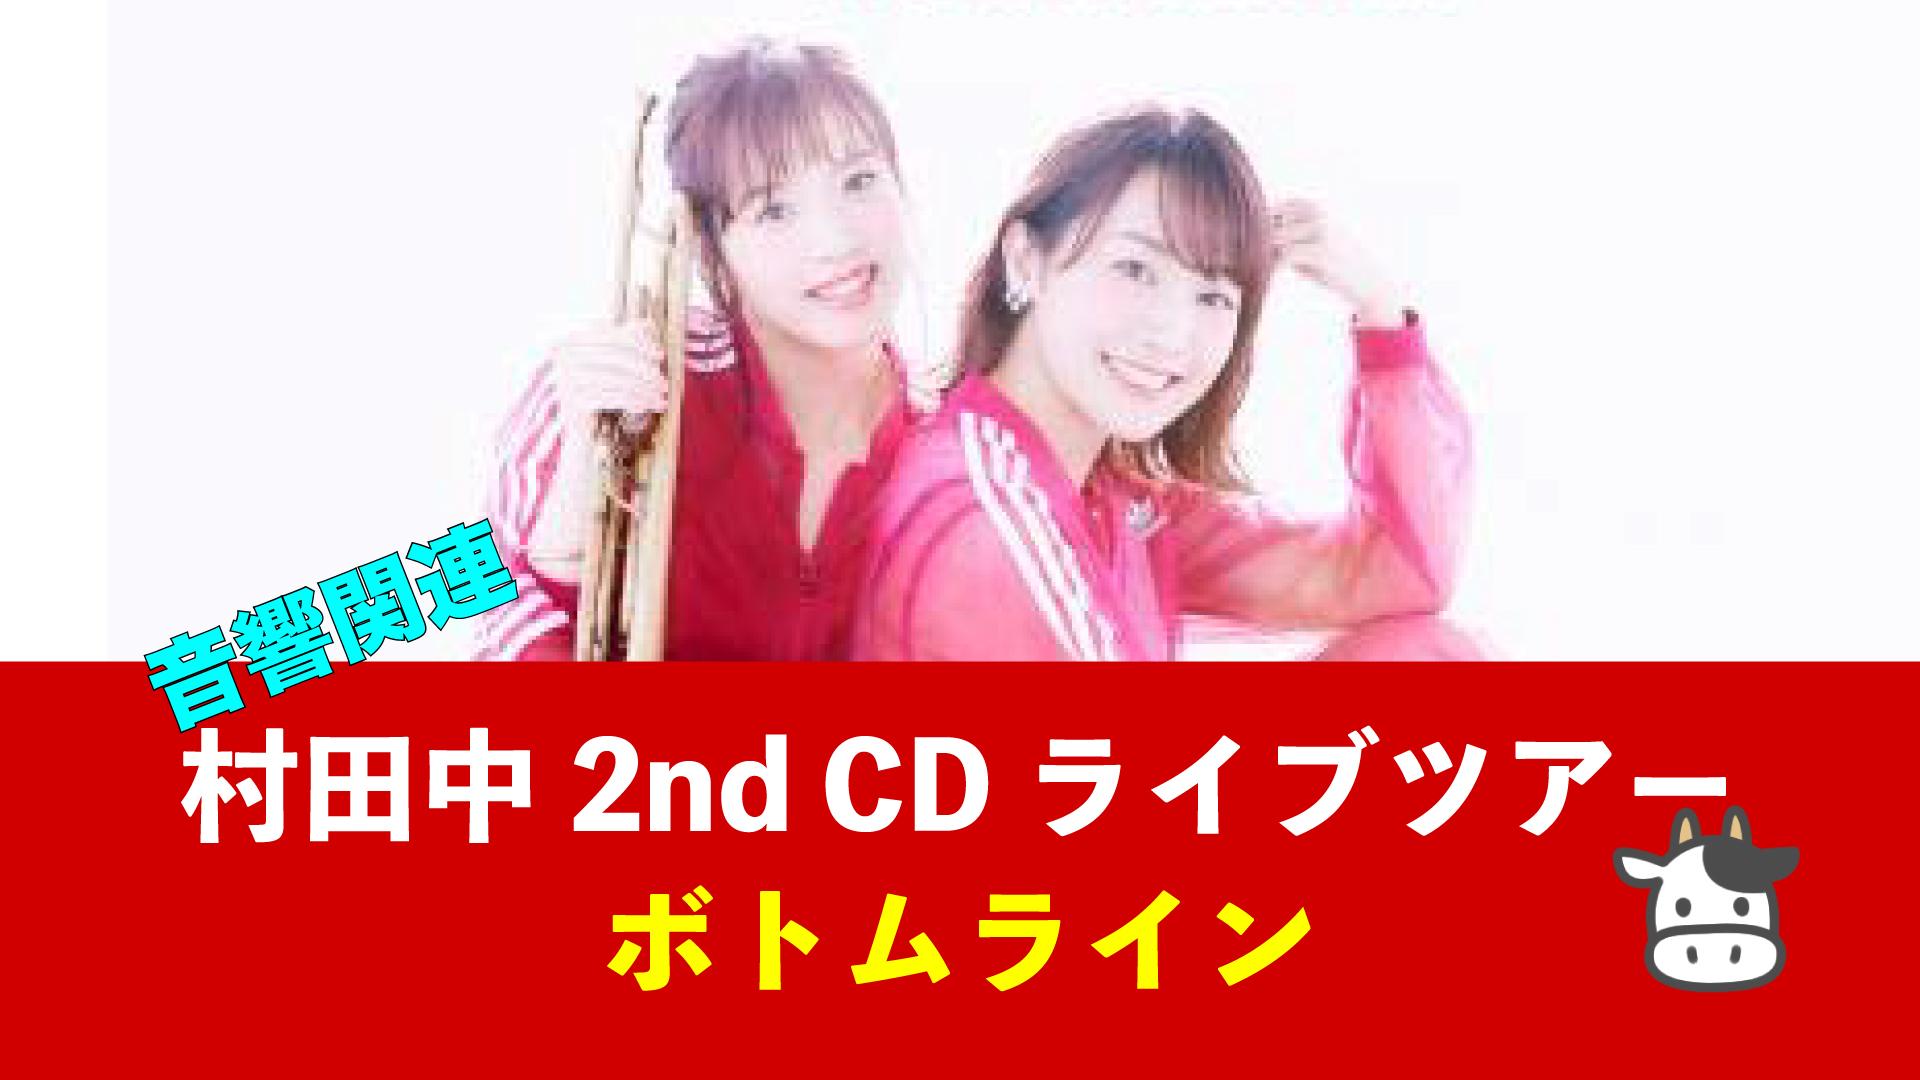 村田中 2nd CD ライブ